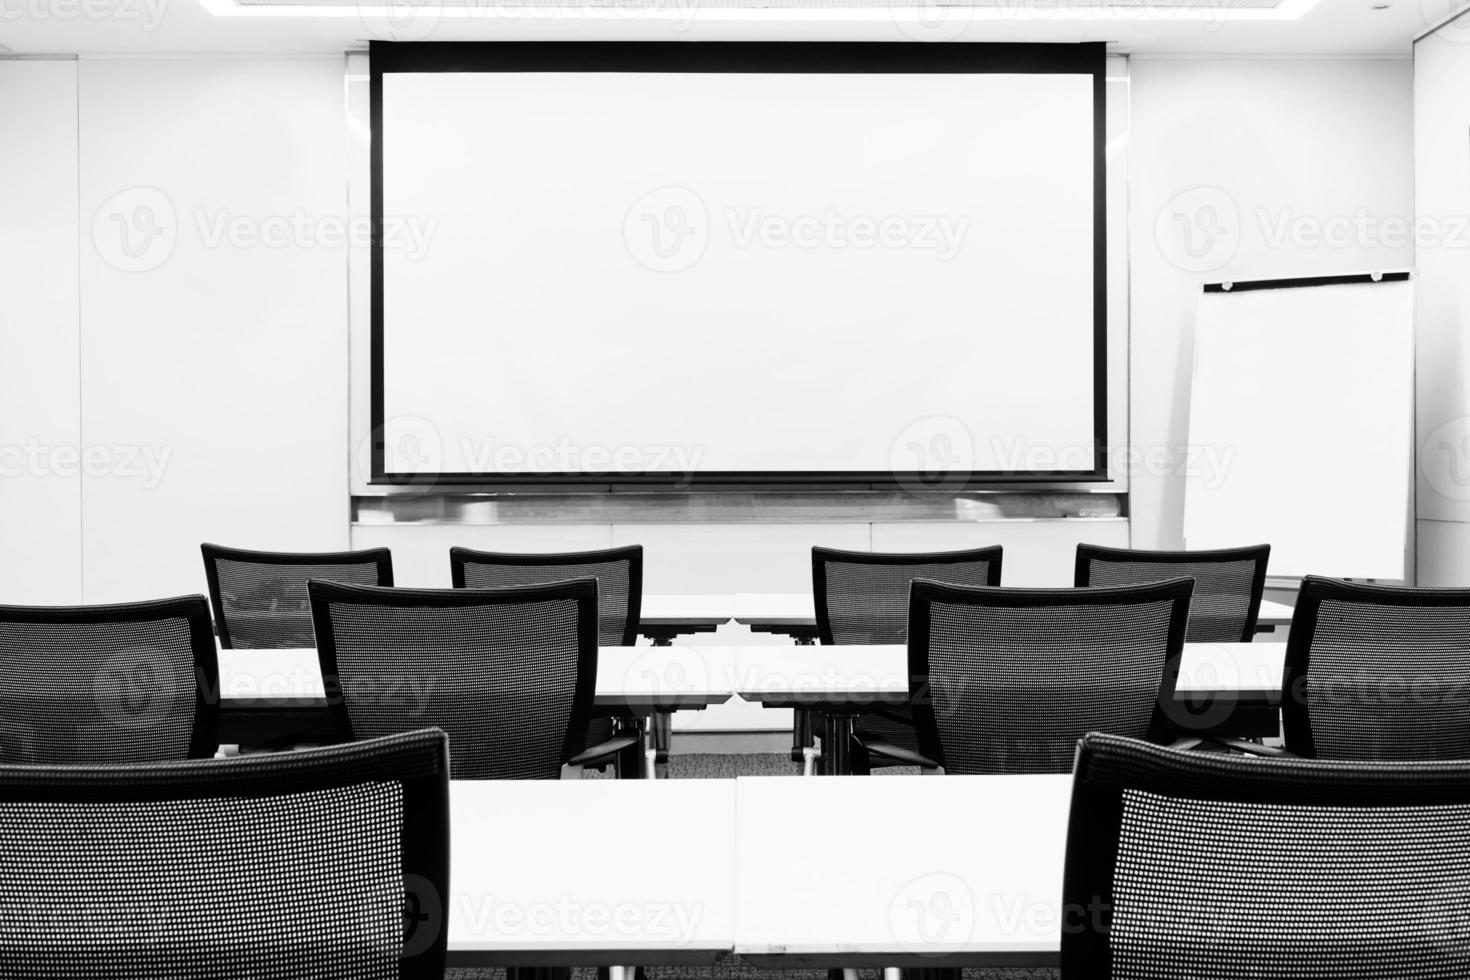 moderna presentationsrum för affärsmöte foto